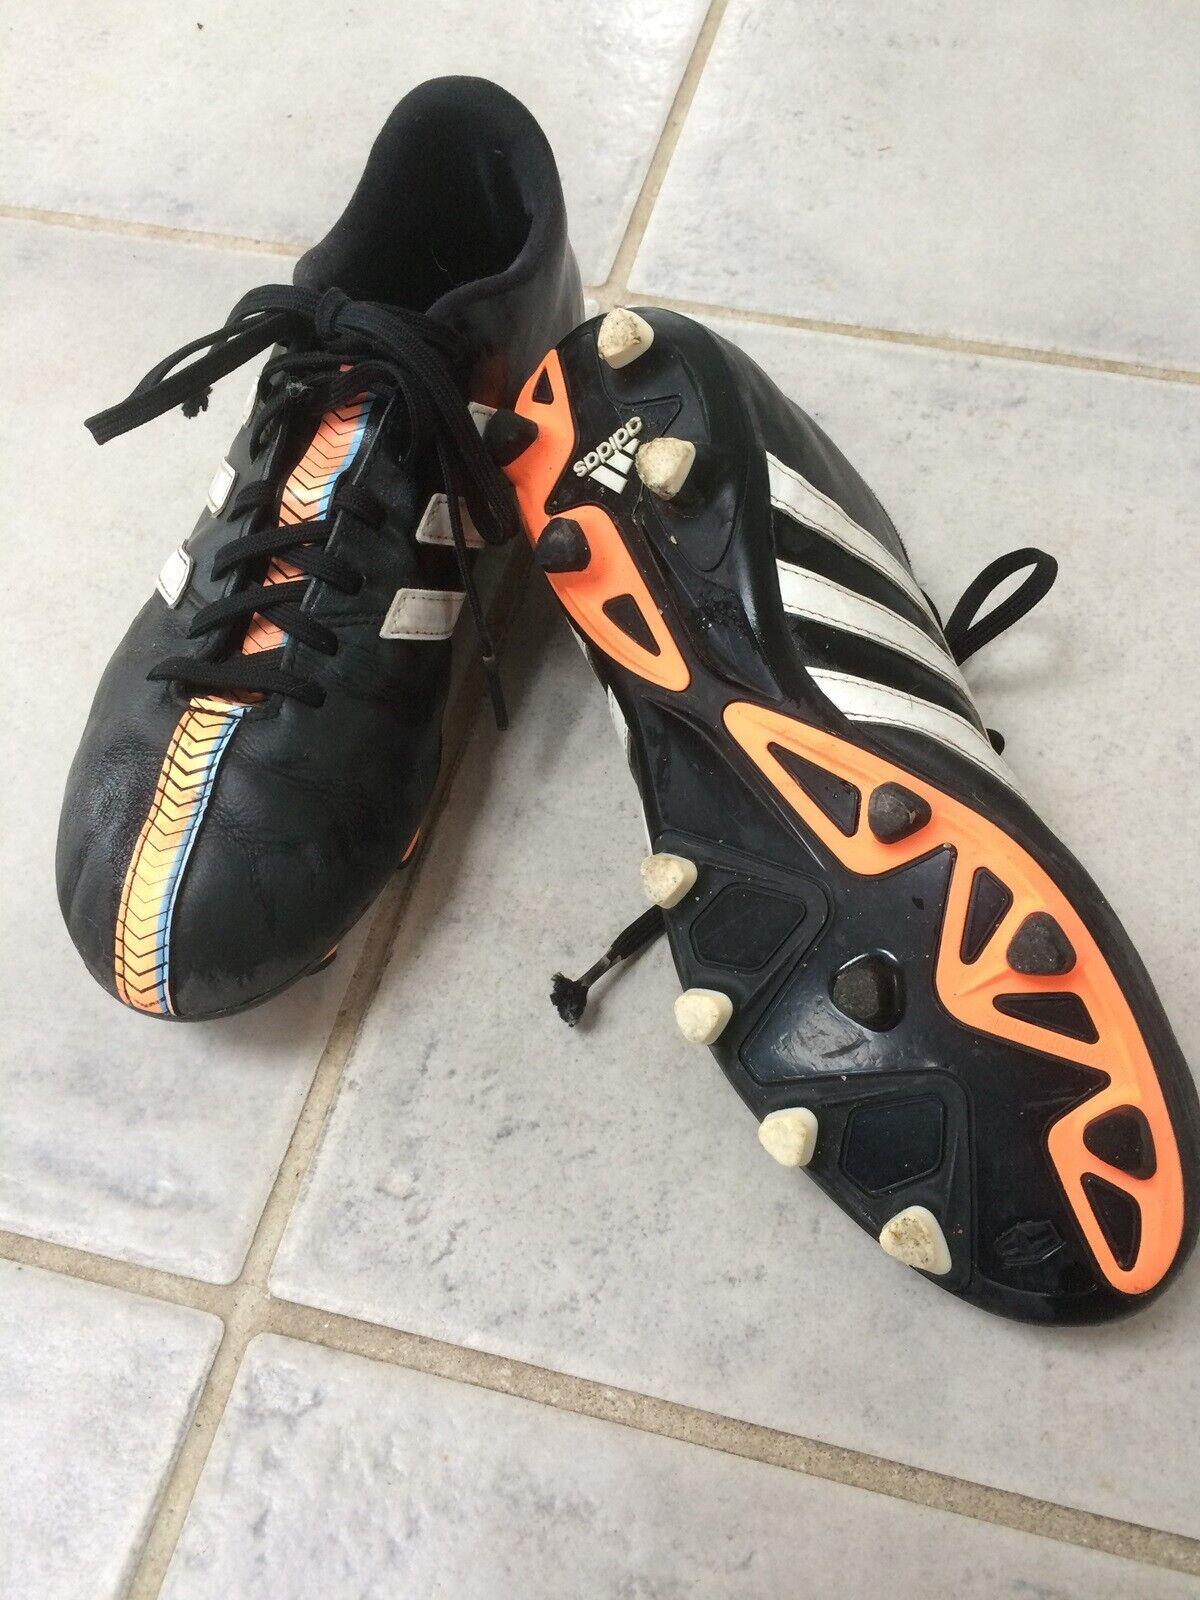 Fodboldstøvler, Zoom Air, Nike – dba.dk – Køb og Salg af Nyt